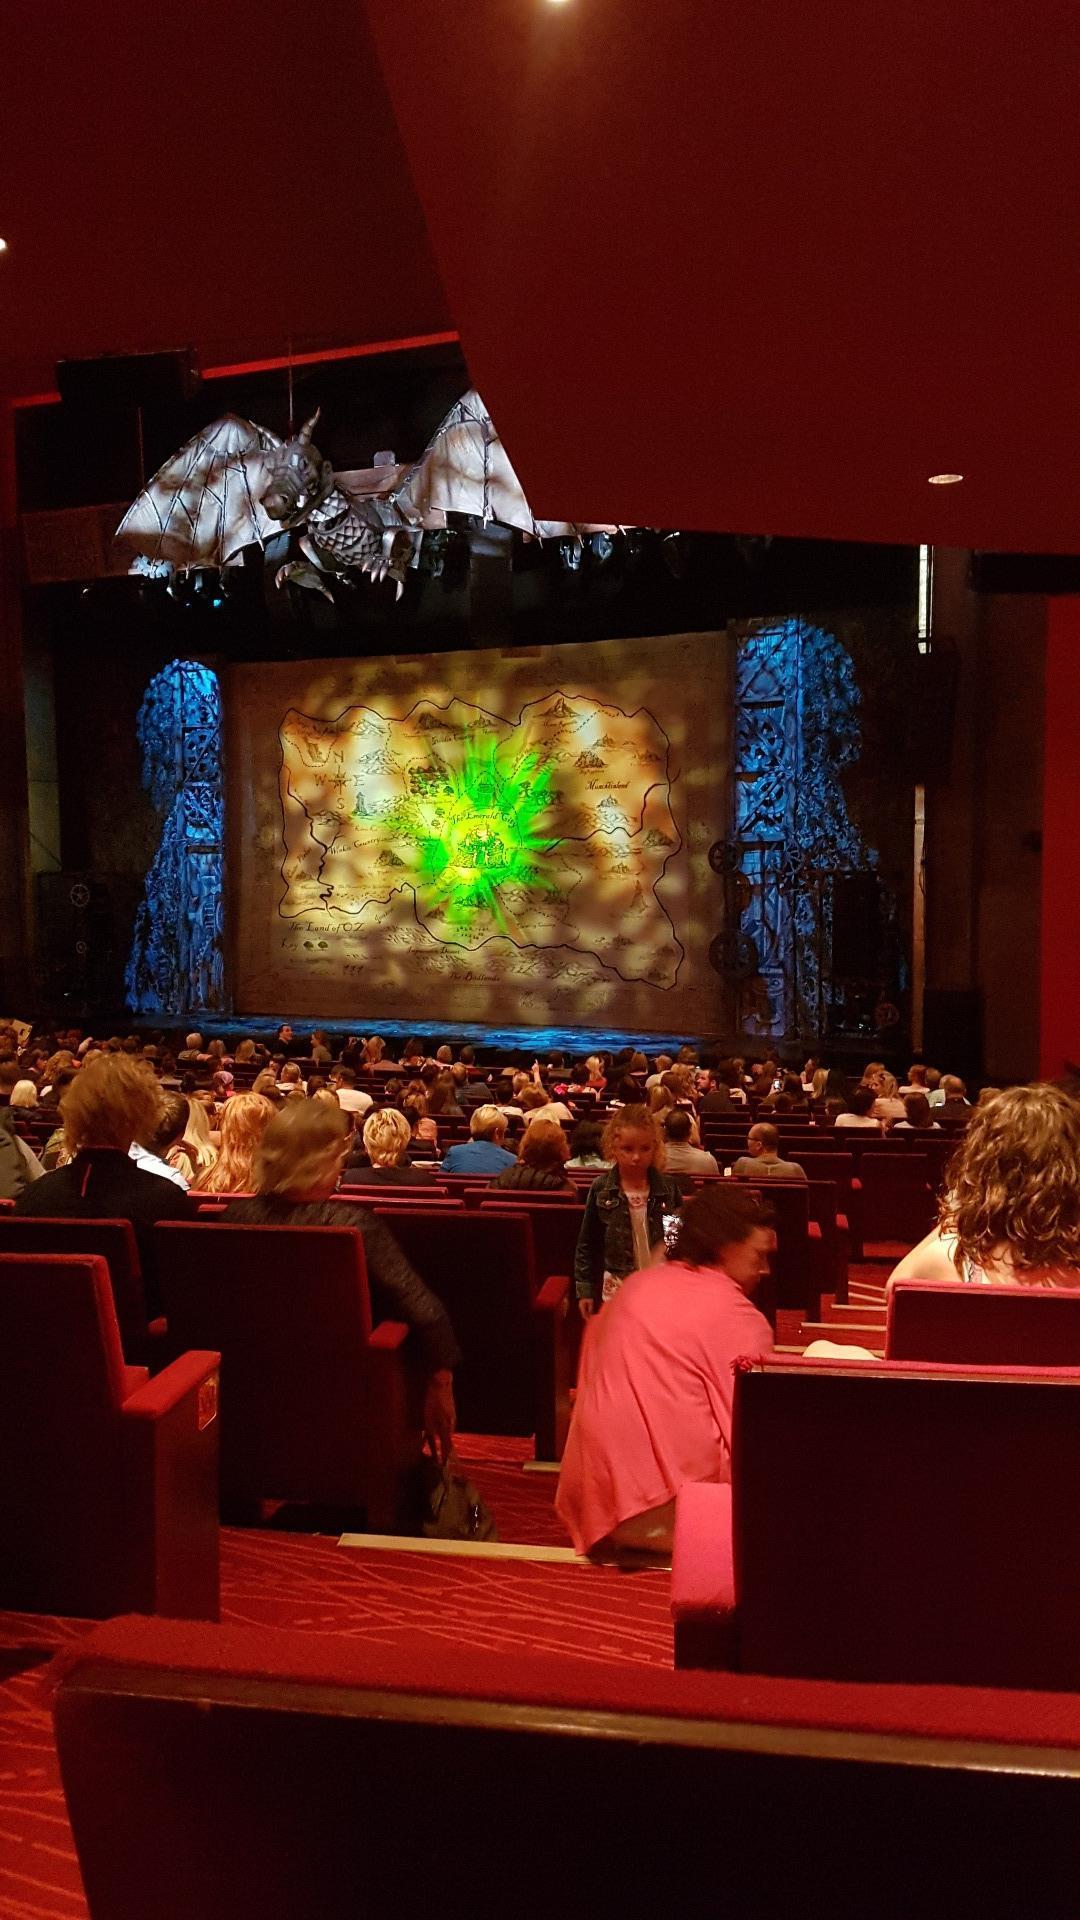 Bord Gáis Energy Theatre Secção Stallls Fila U Lugar 44